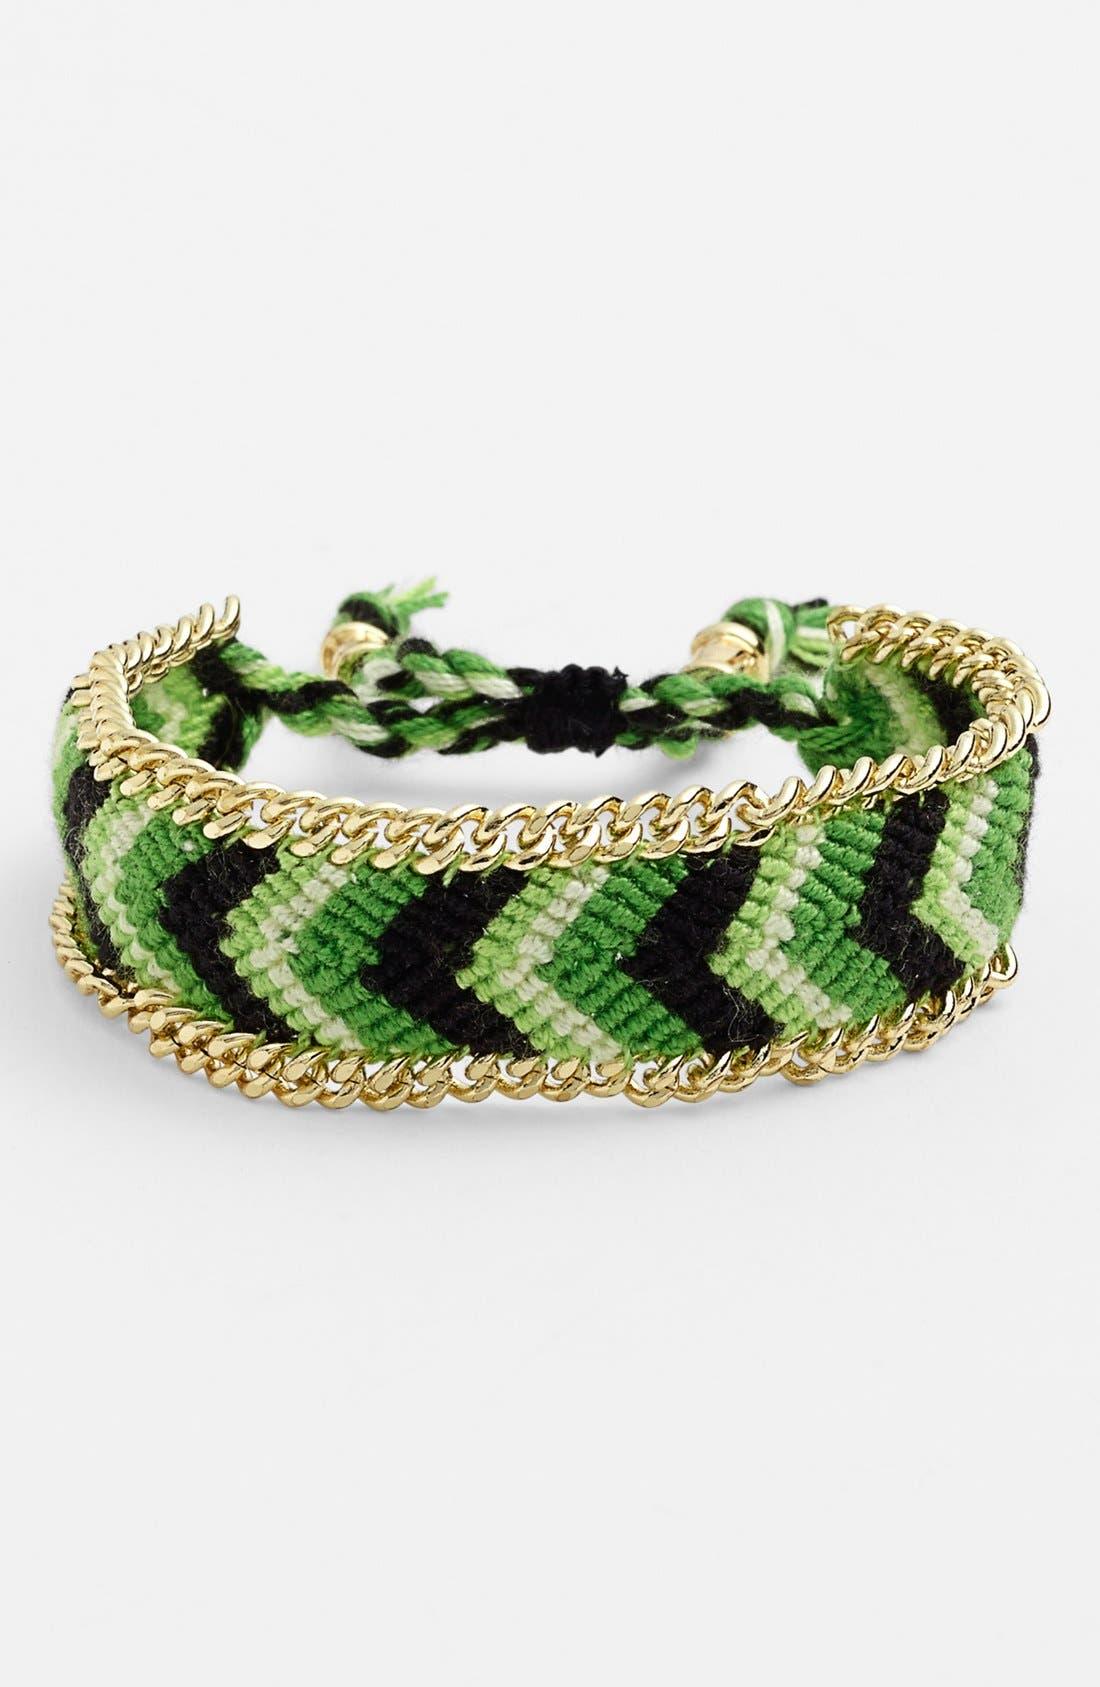 Alternate Image 1 Selected - Vince Camuto Friendship Bracelet